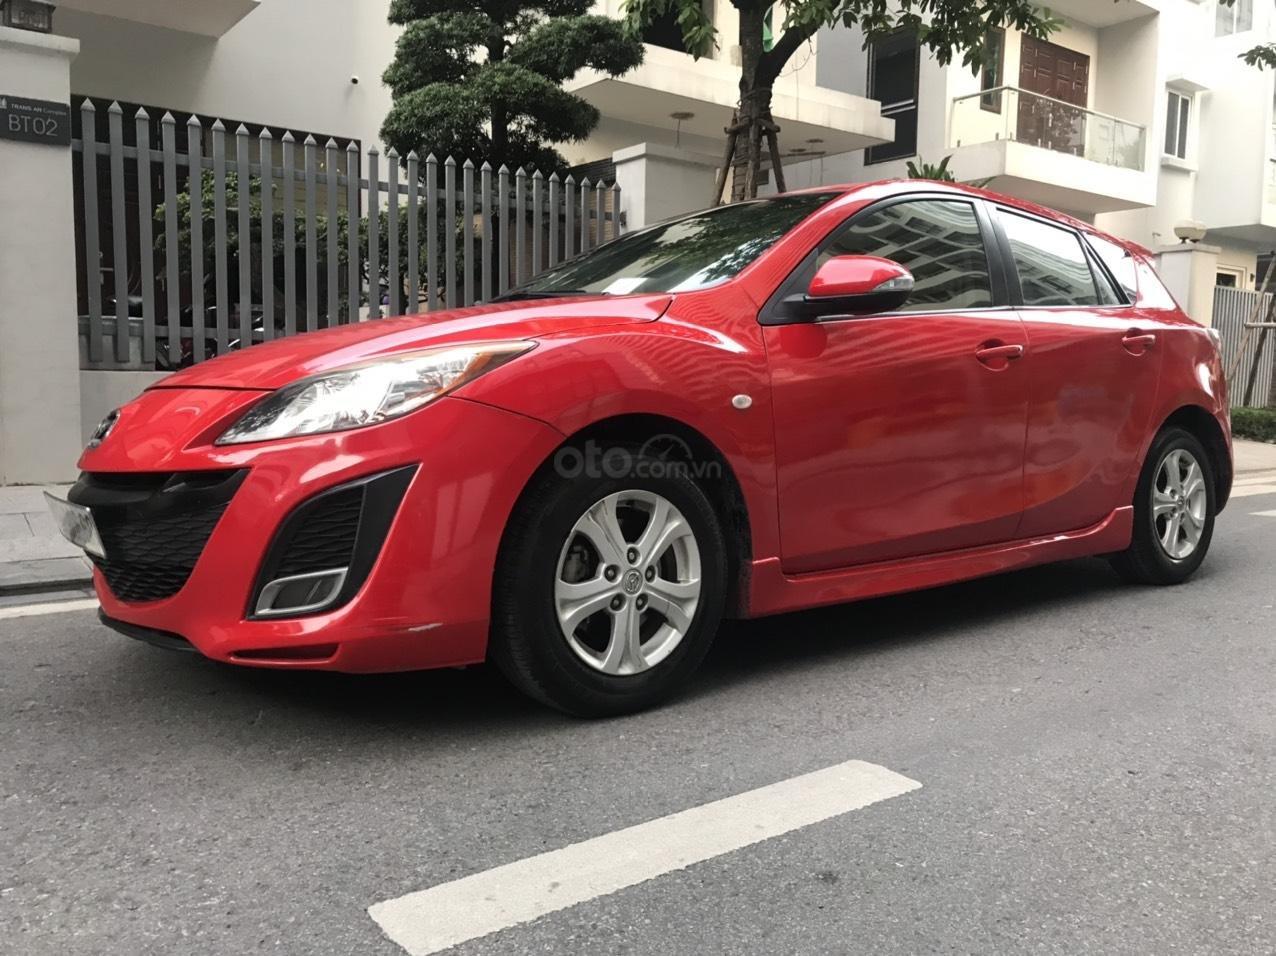 Cần bán Mazda 3 Hatchback 2010 màu đỏ chính chủ (3)